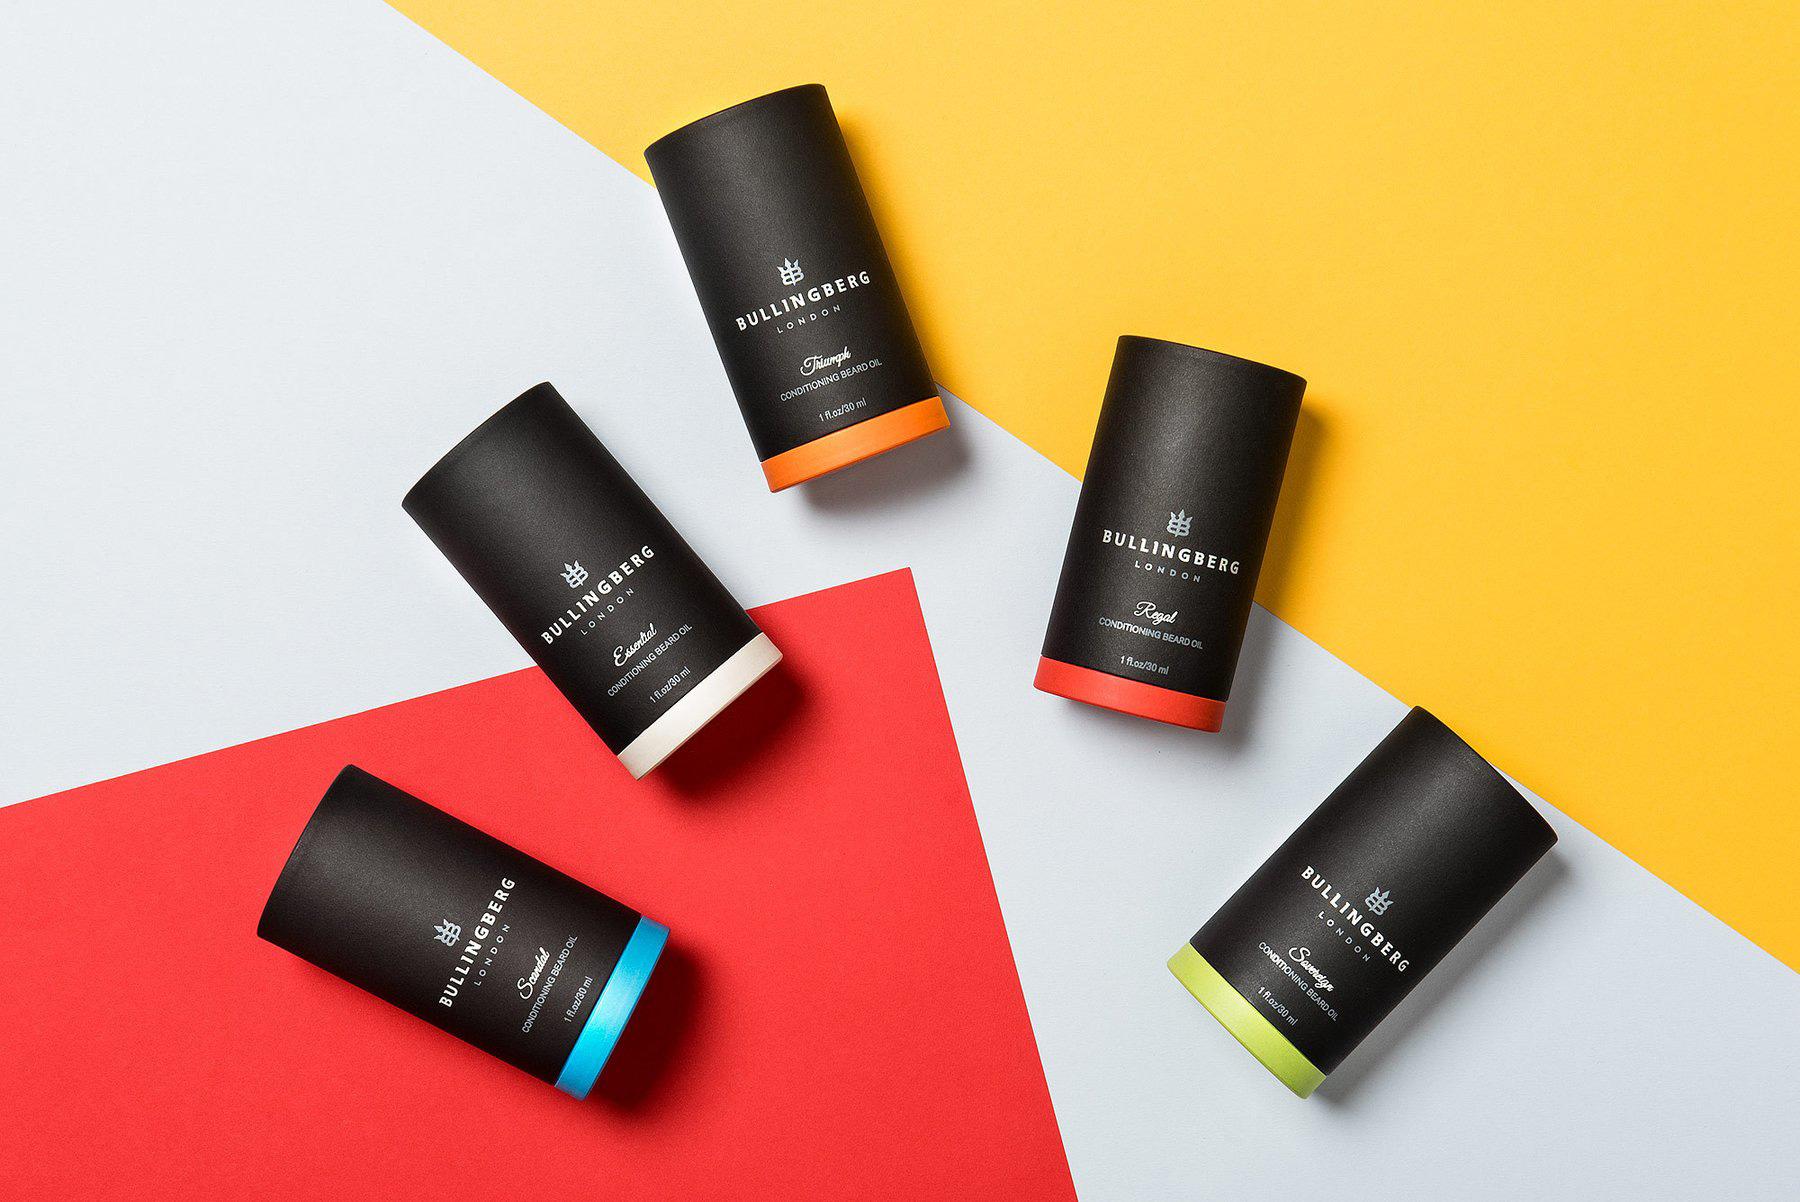 Bullingberg Packaging for Lucy Beard Oil. Full Range line up Designed by Flipflop Design Agency